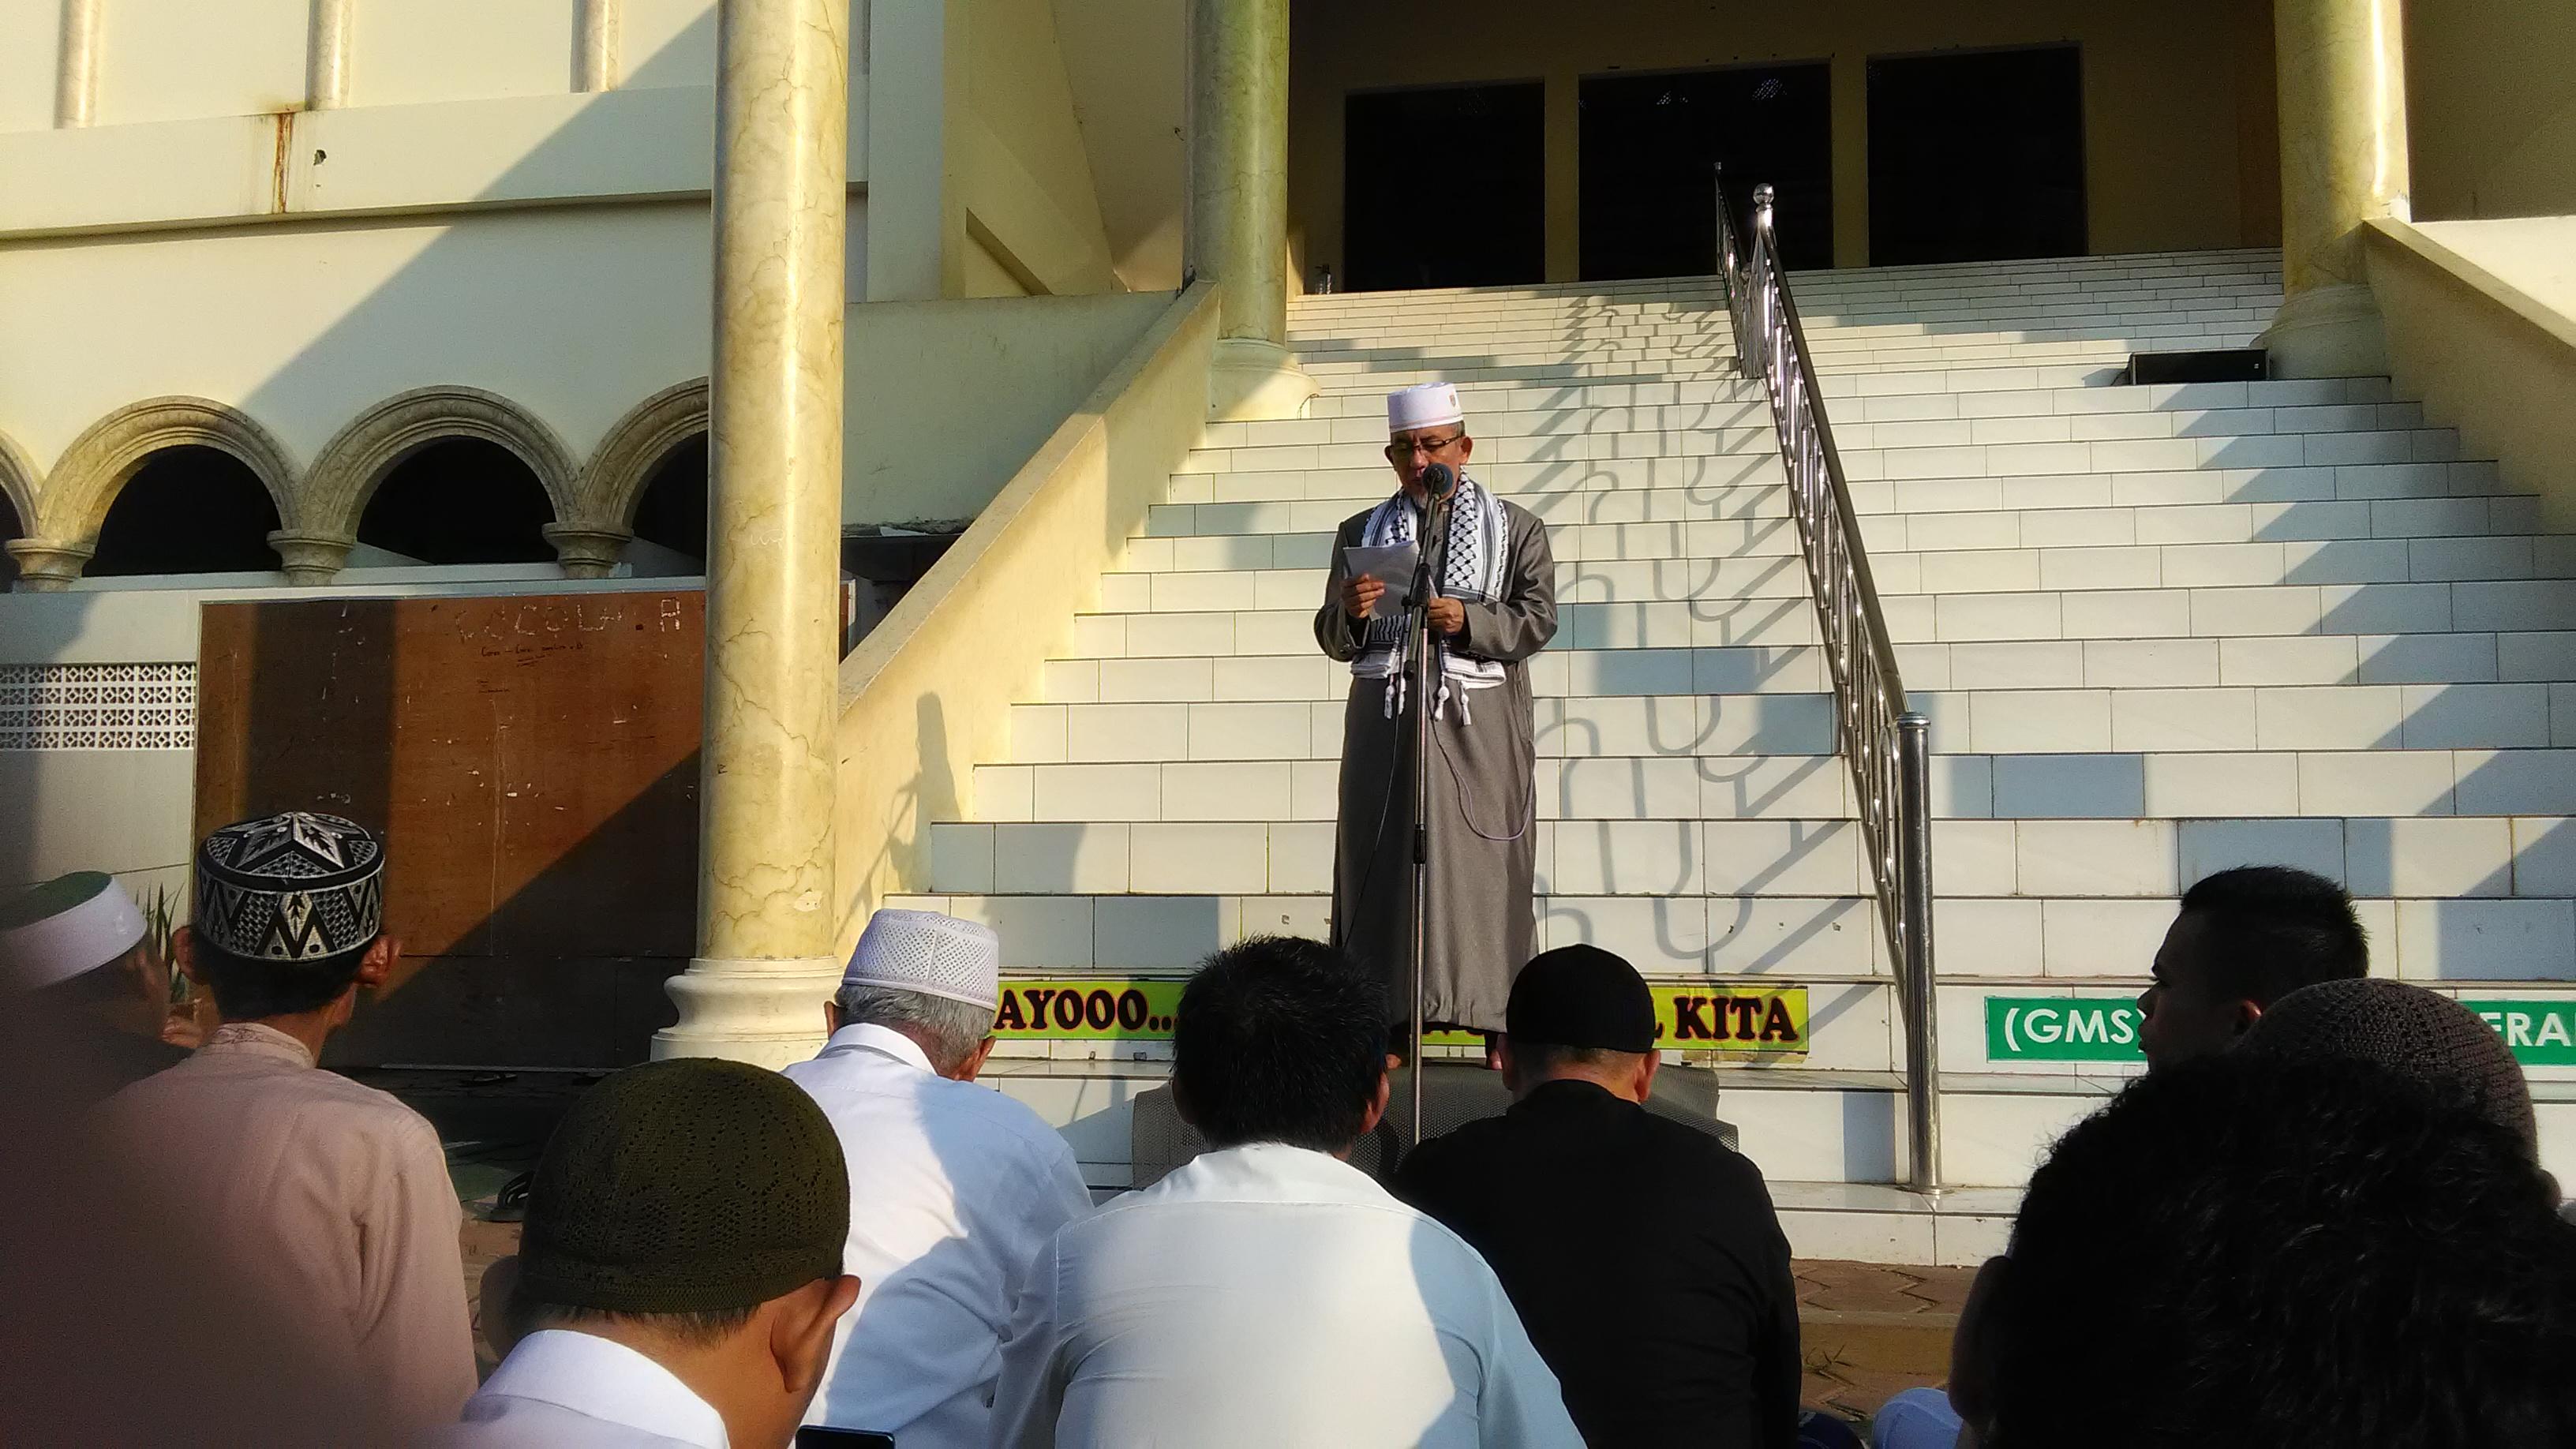 Teks Lengkap Khutbah Imaamul Muslimin: Dengan Semangat Idul Fitri Kita Atasi Problema Umat